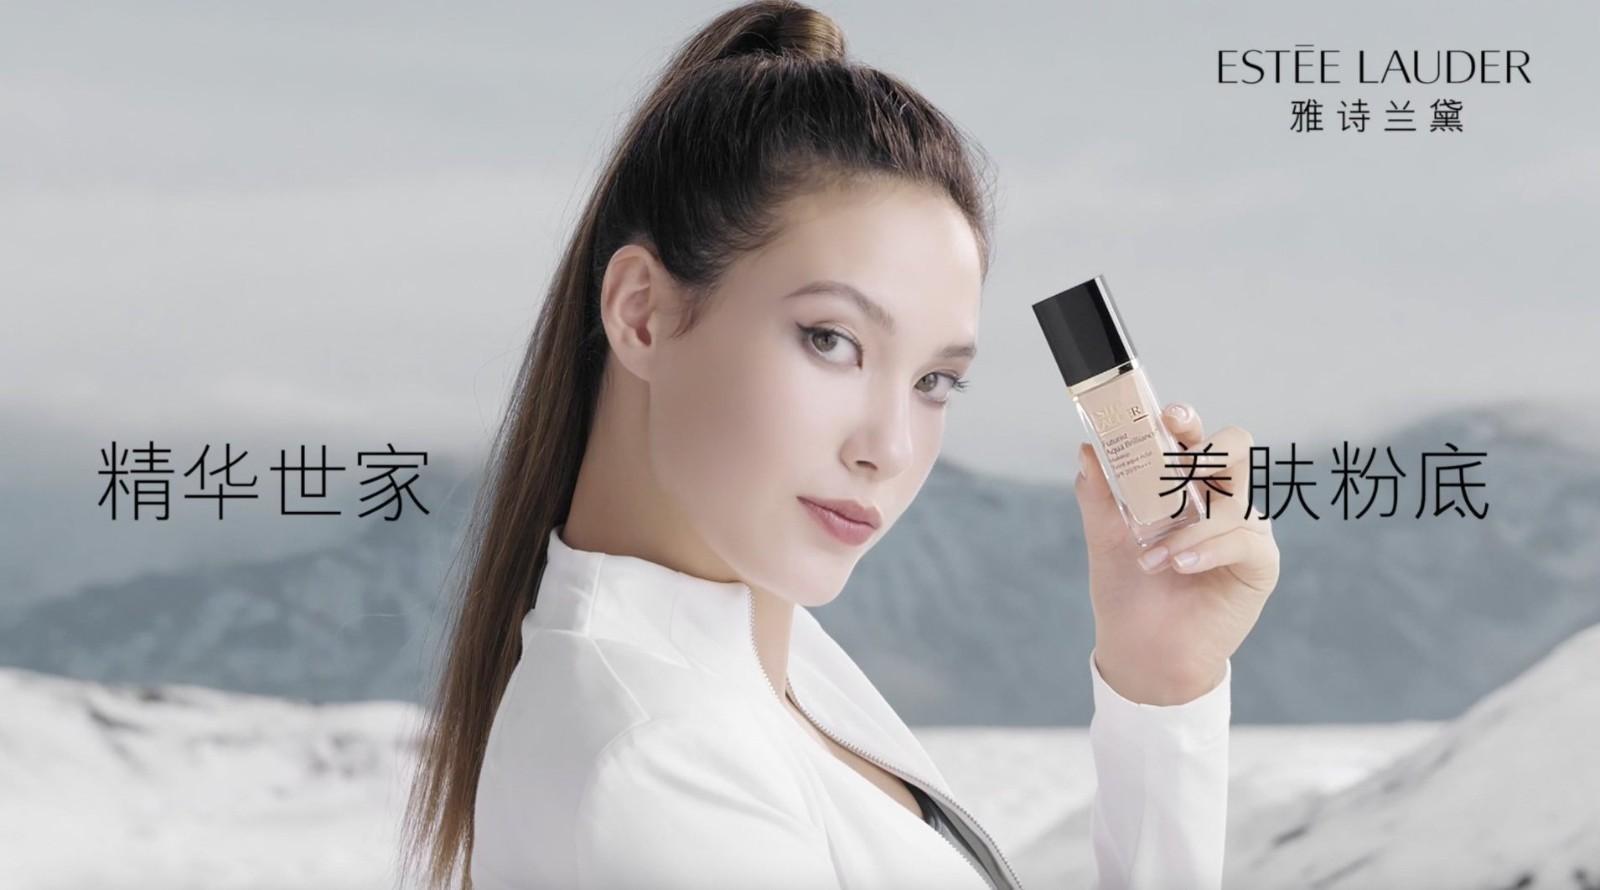 谷爱凌成为雅诗兰黛亚太区品牌挚友